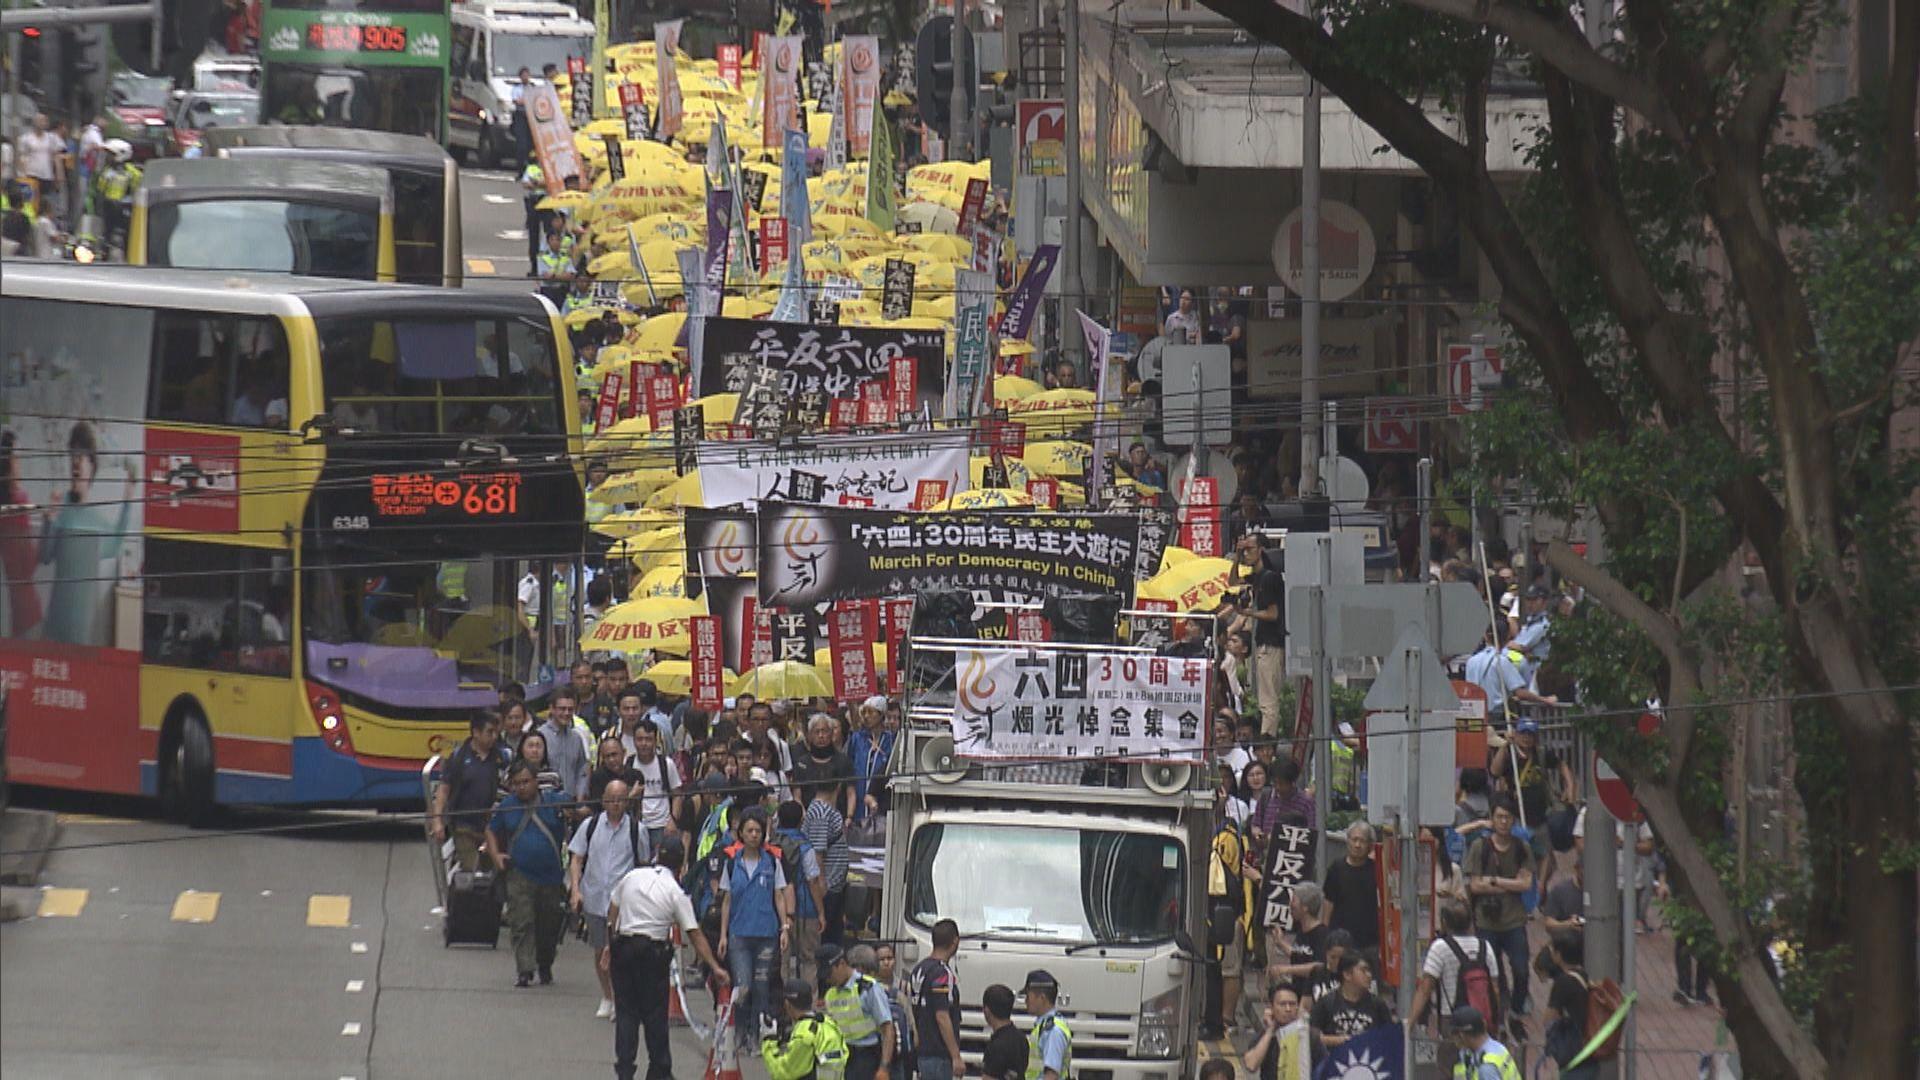 支聯會表示六四遊行有2200人參加 較去年多一倍